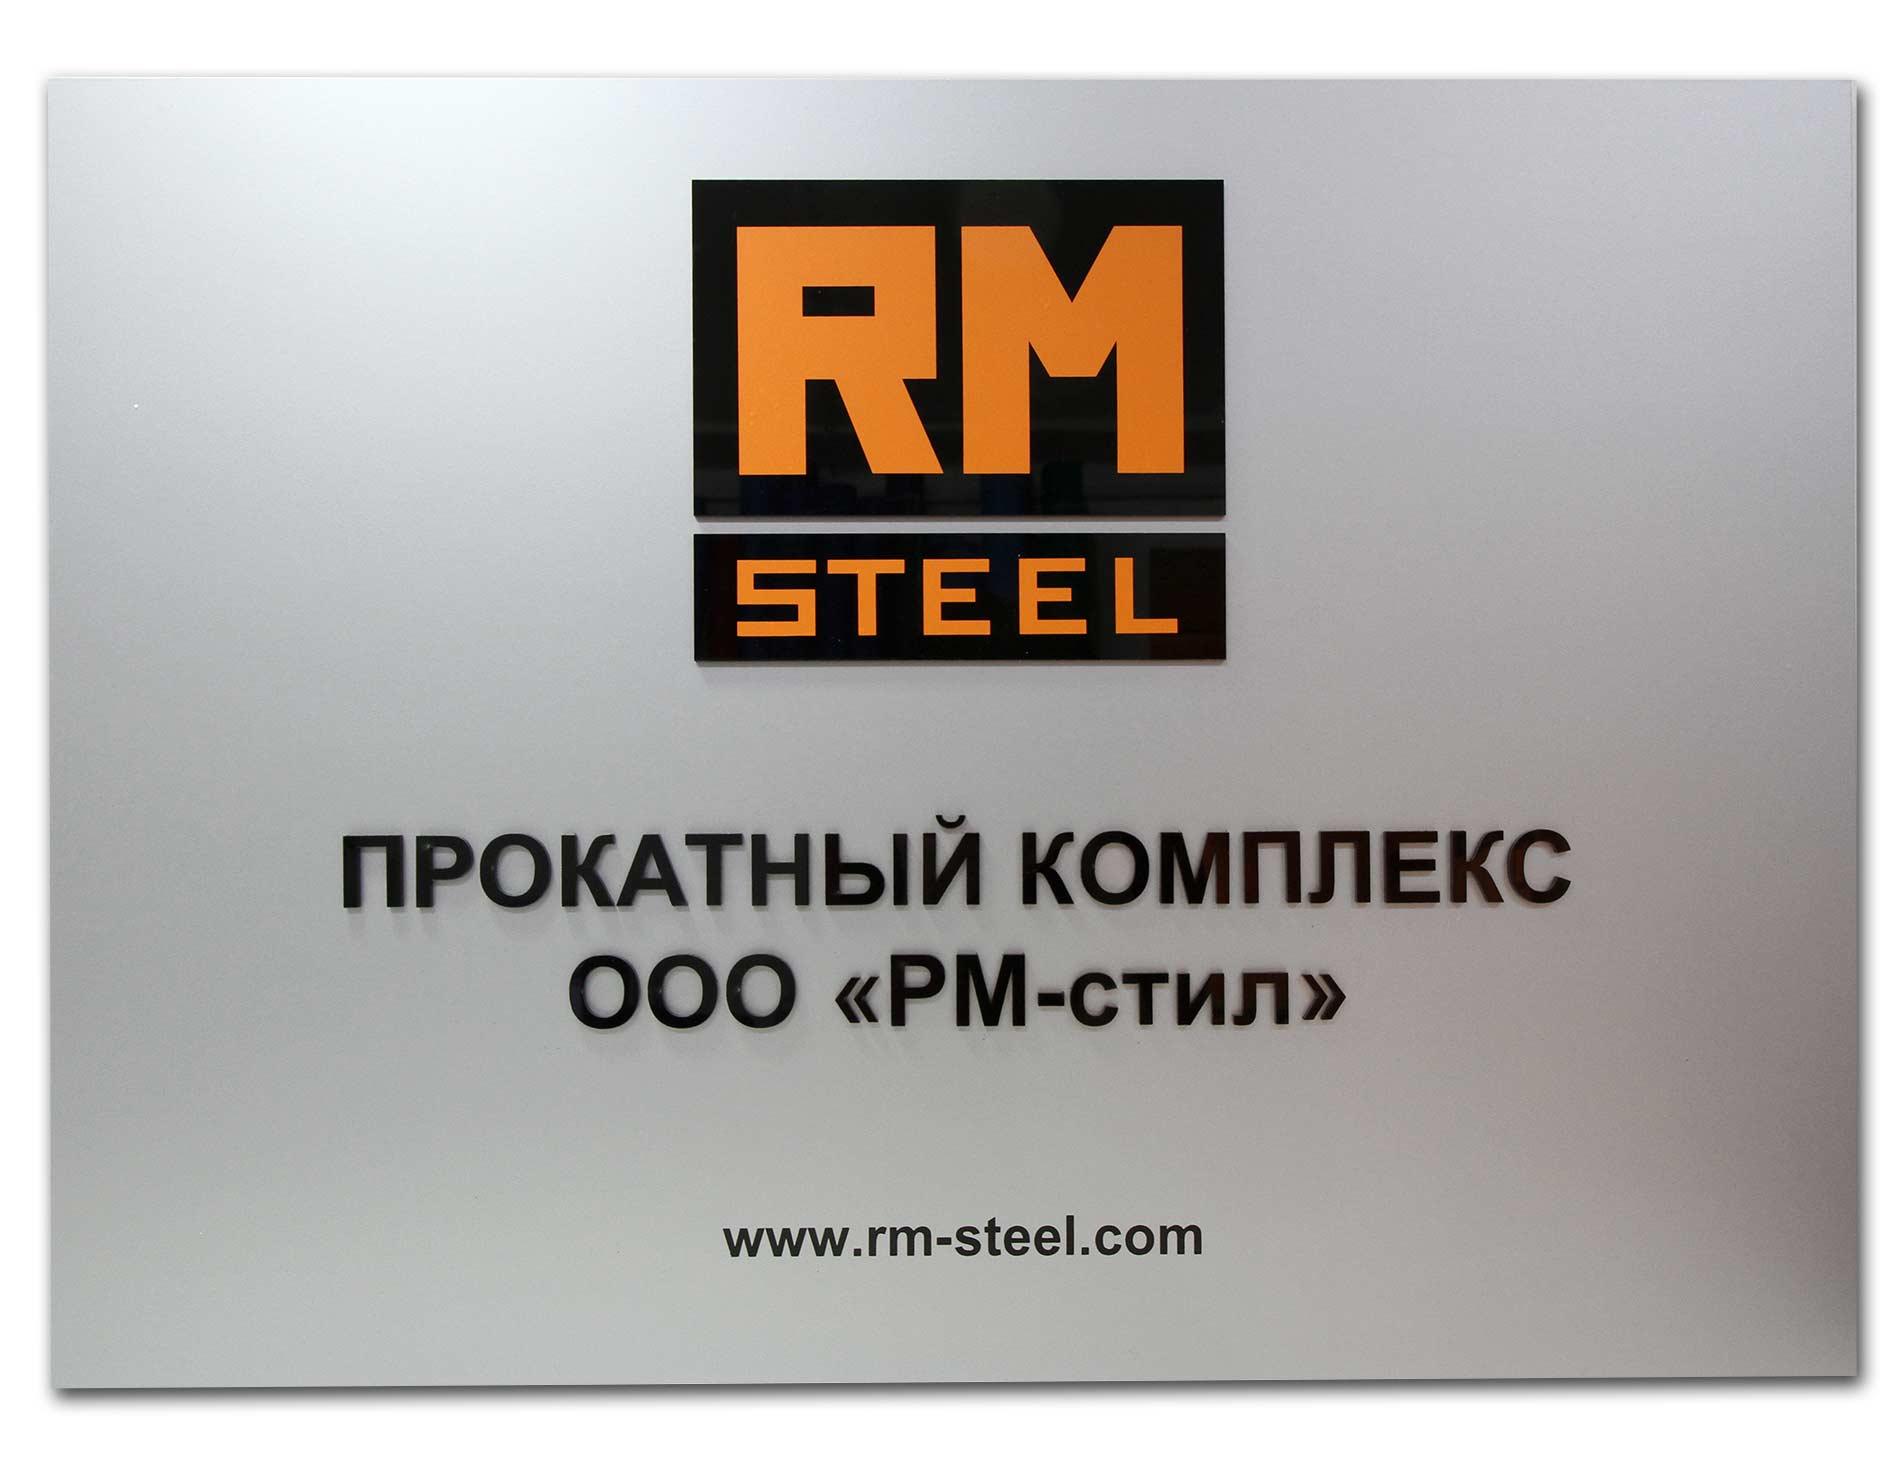 Табличка на подложке металлик с объемными буквами